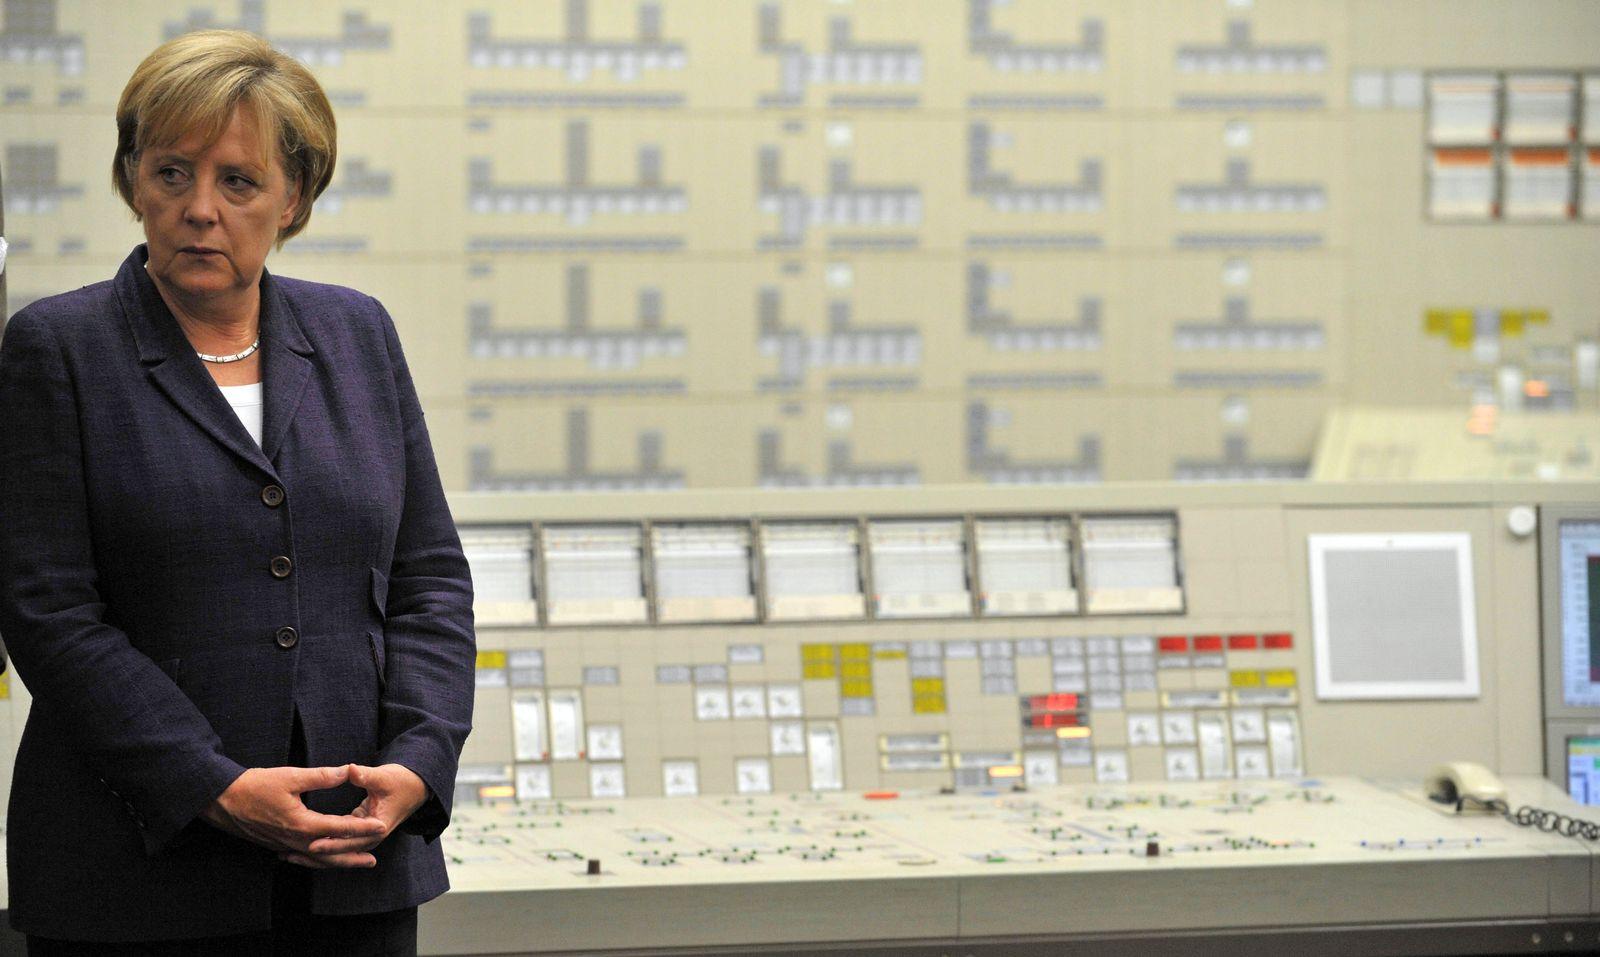 Merkel AKW Lingen